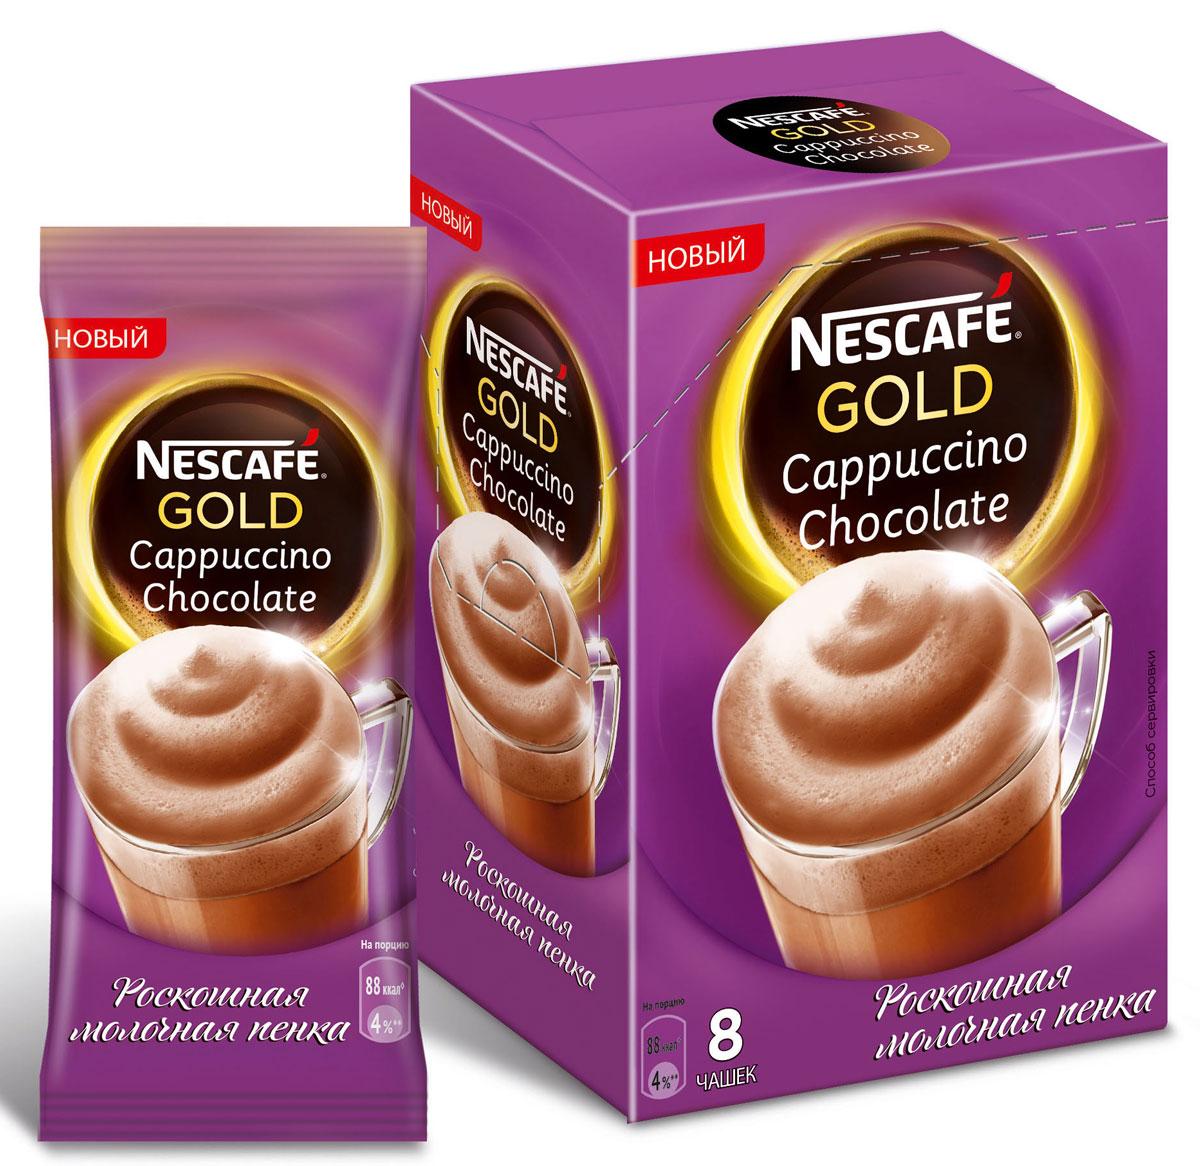 NESCAFE Gold Cappuccino Chocolate. Напиток кофейный растворимый с молочной пенкой. Капучино как в кофейне! Идеальный баланс ингредиентов в оптимальных пропорциях для - Вкуса - Пенки.